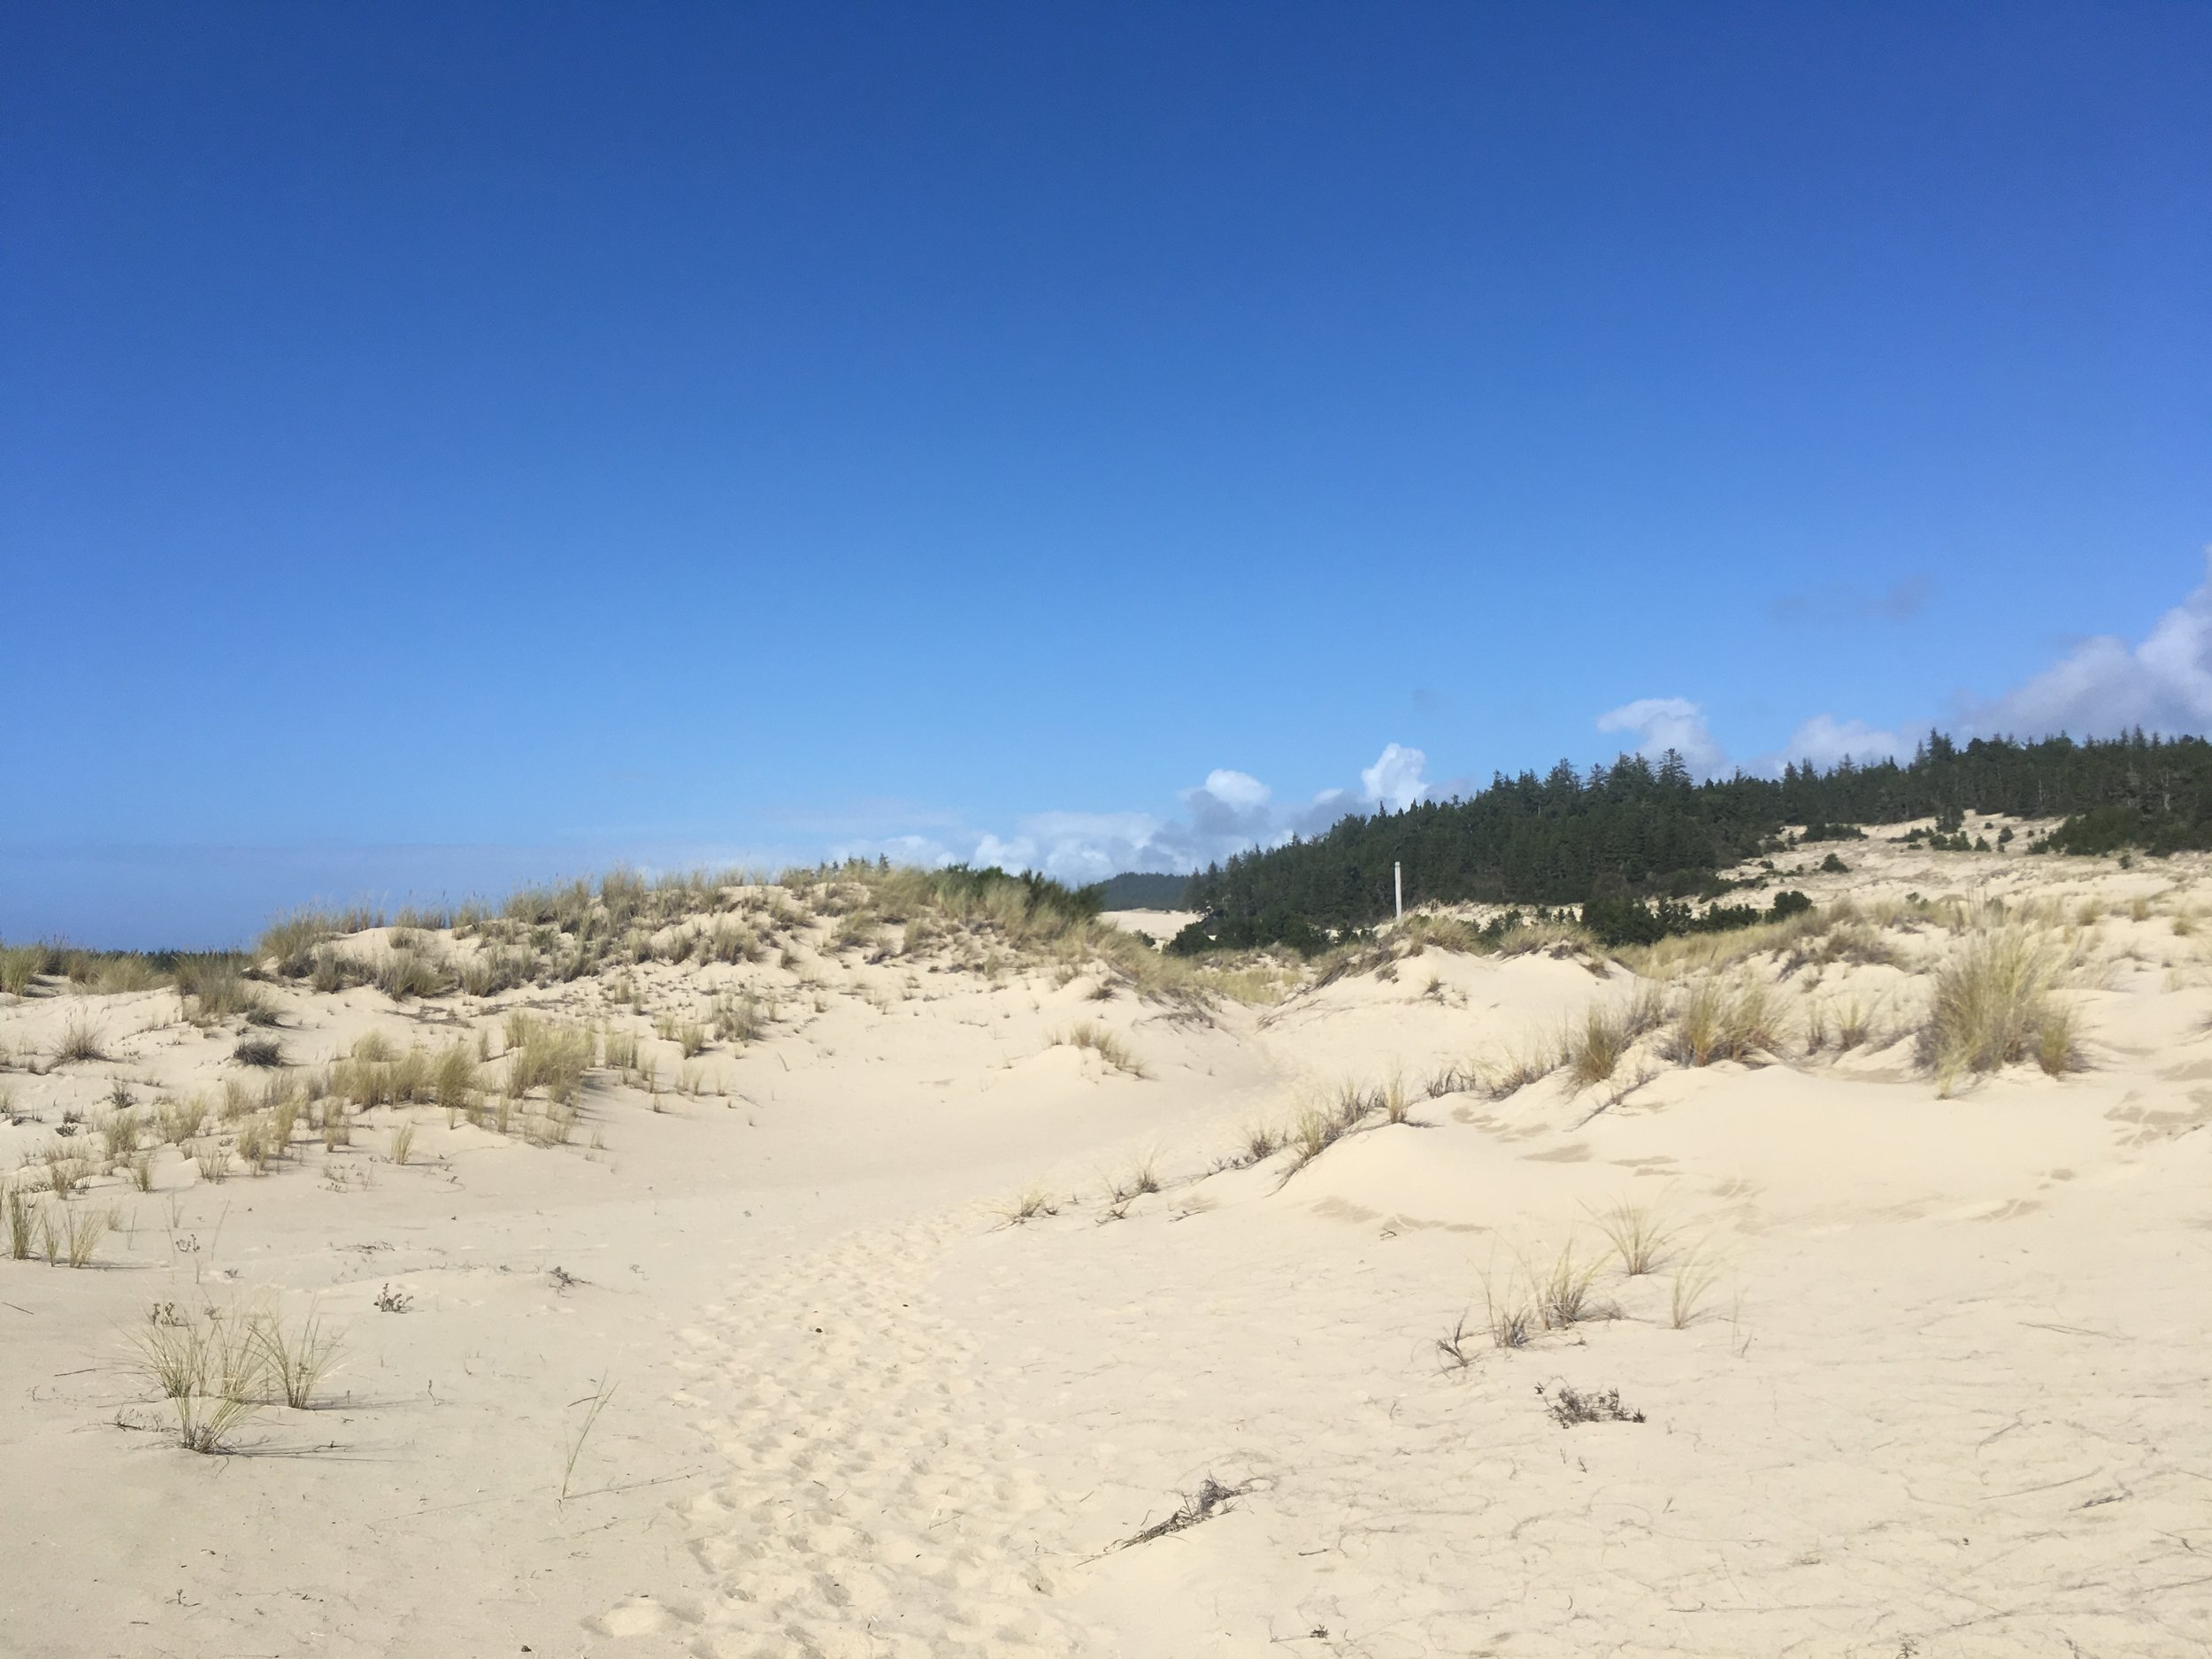 Sandy escape route